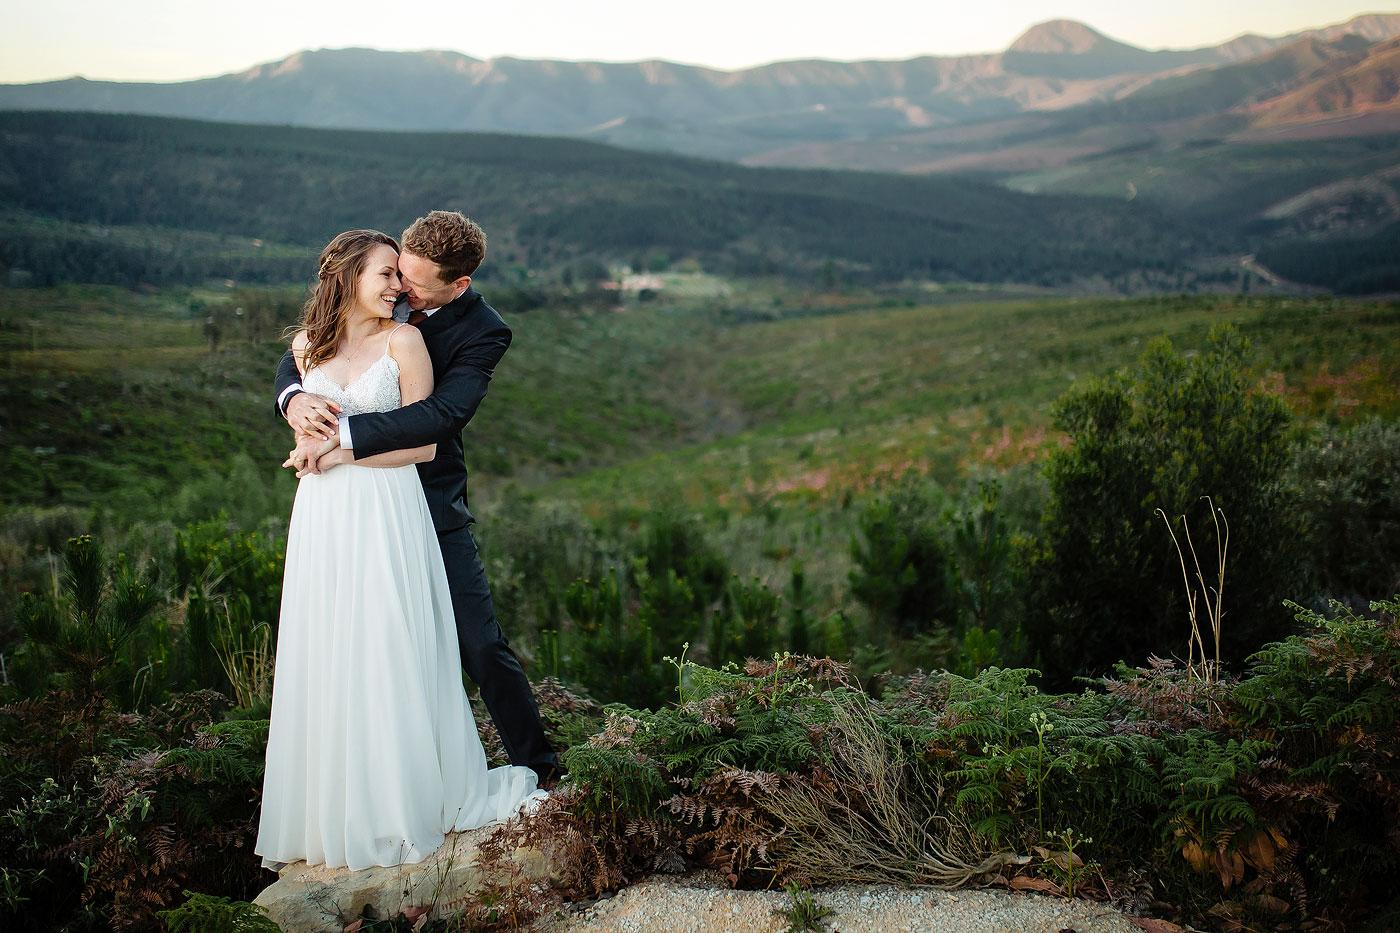 Big Landscape Wedding Photo